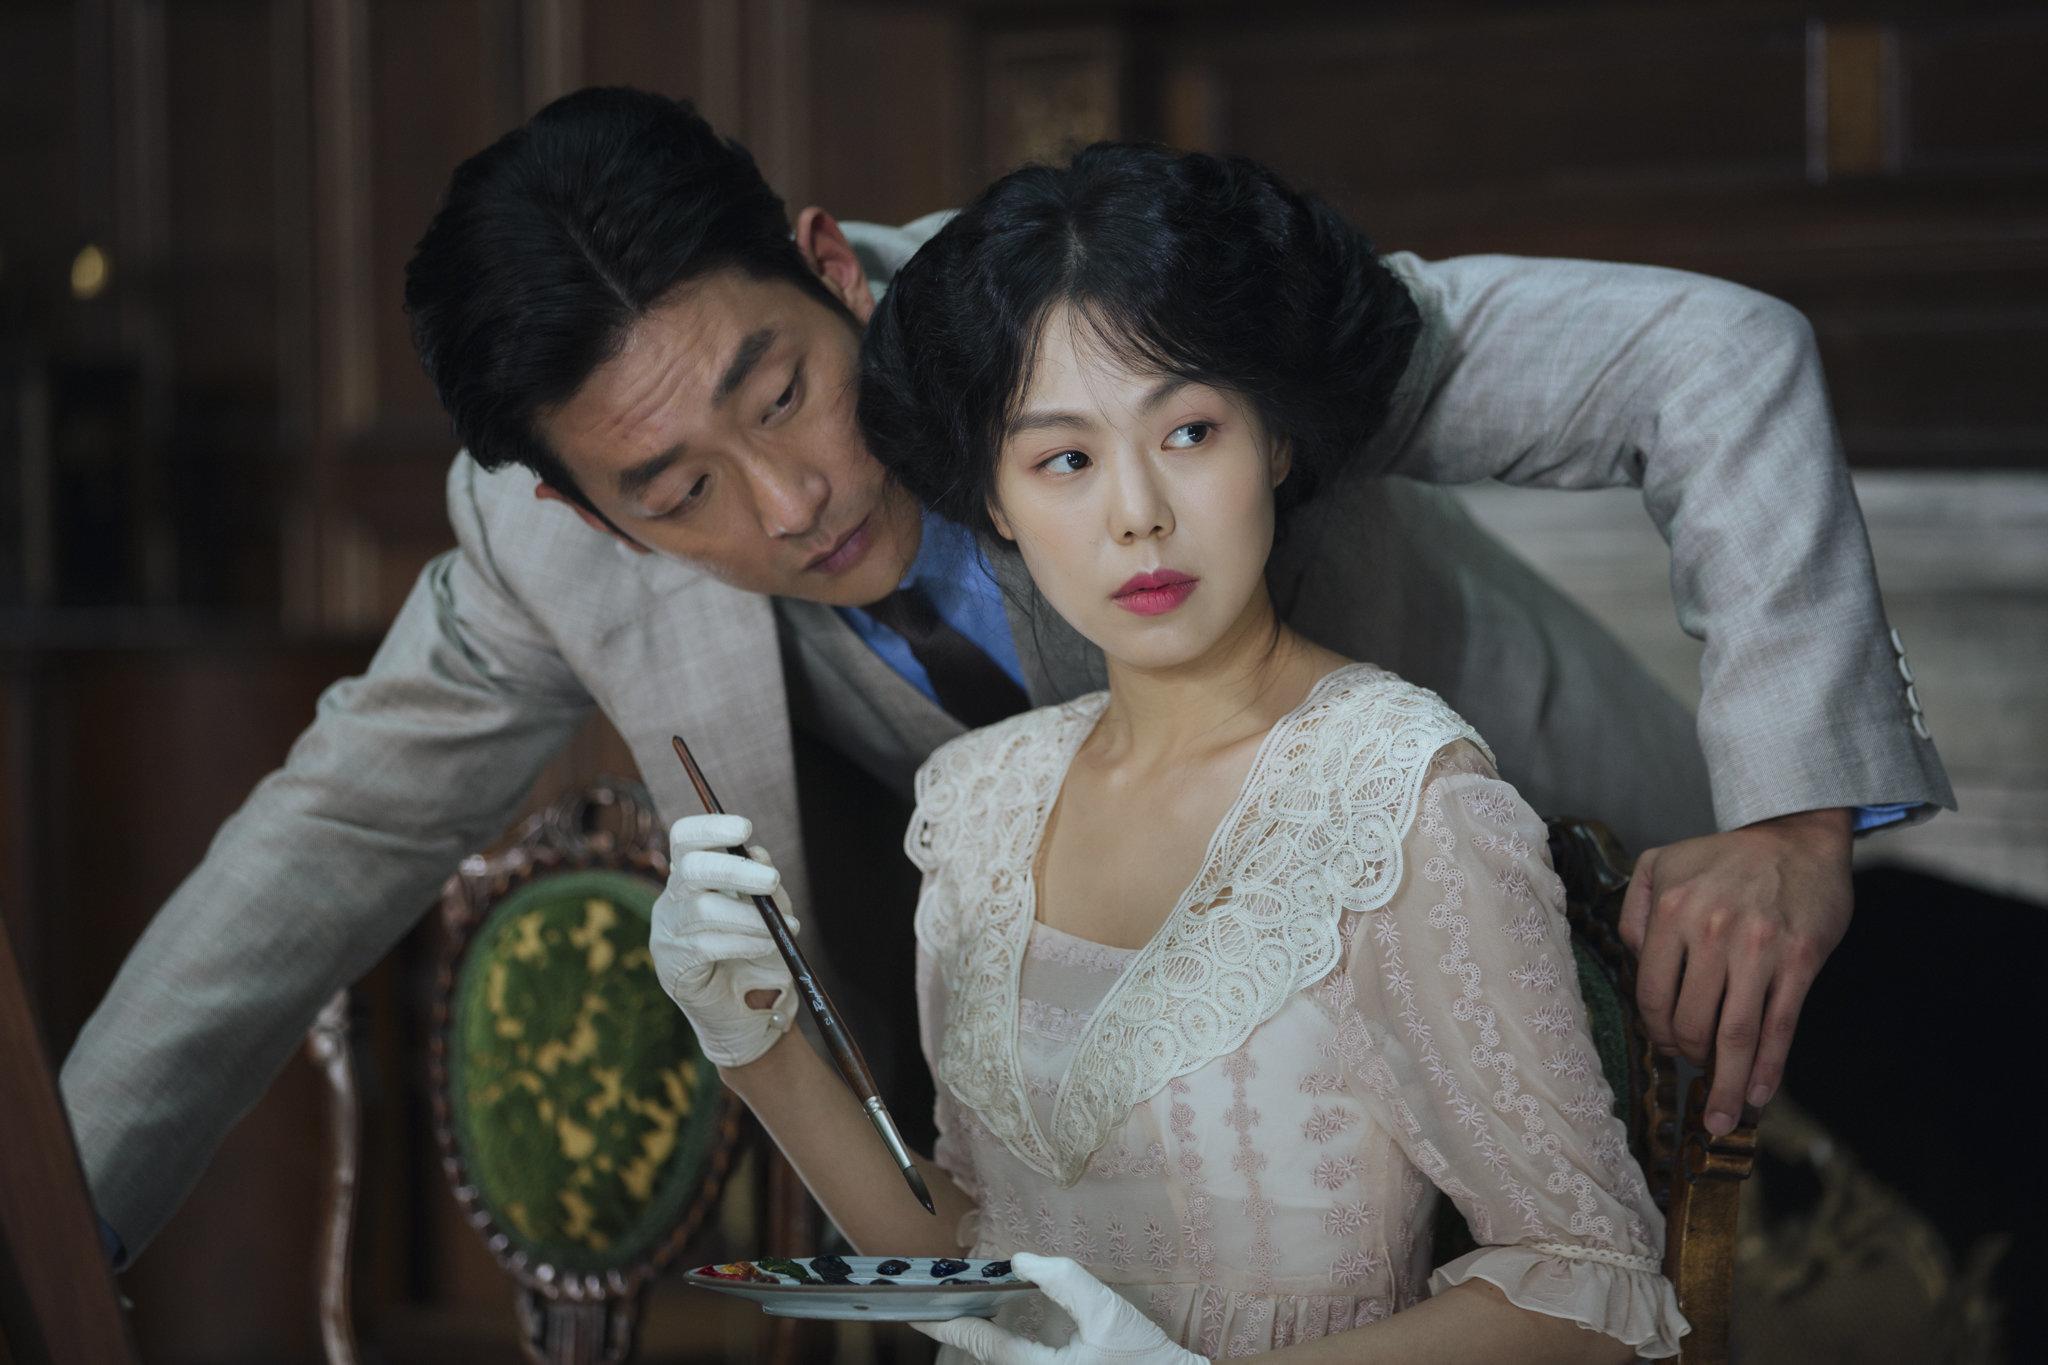 박찬욱의 '아가씨'가 영국 아카데미 외국어 영화상을